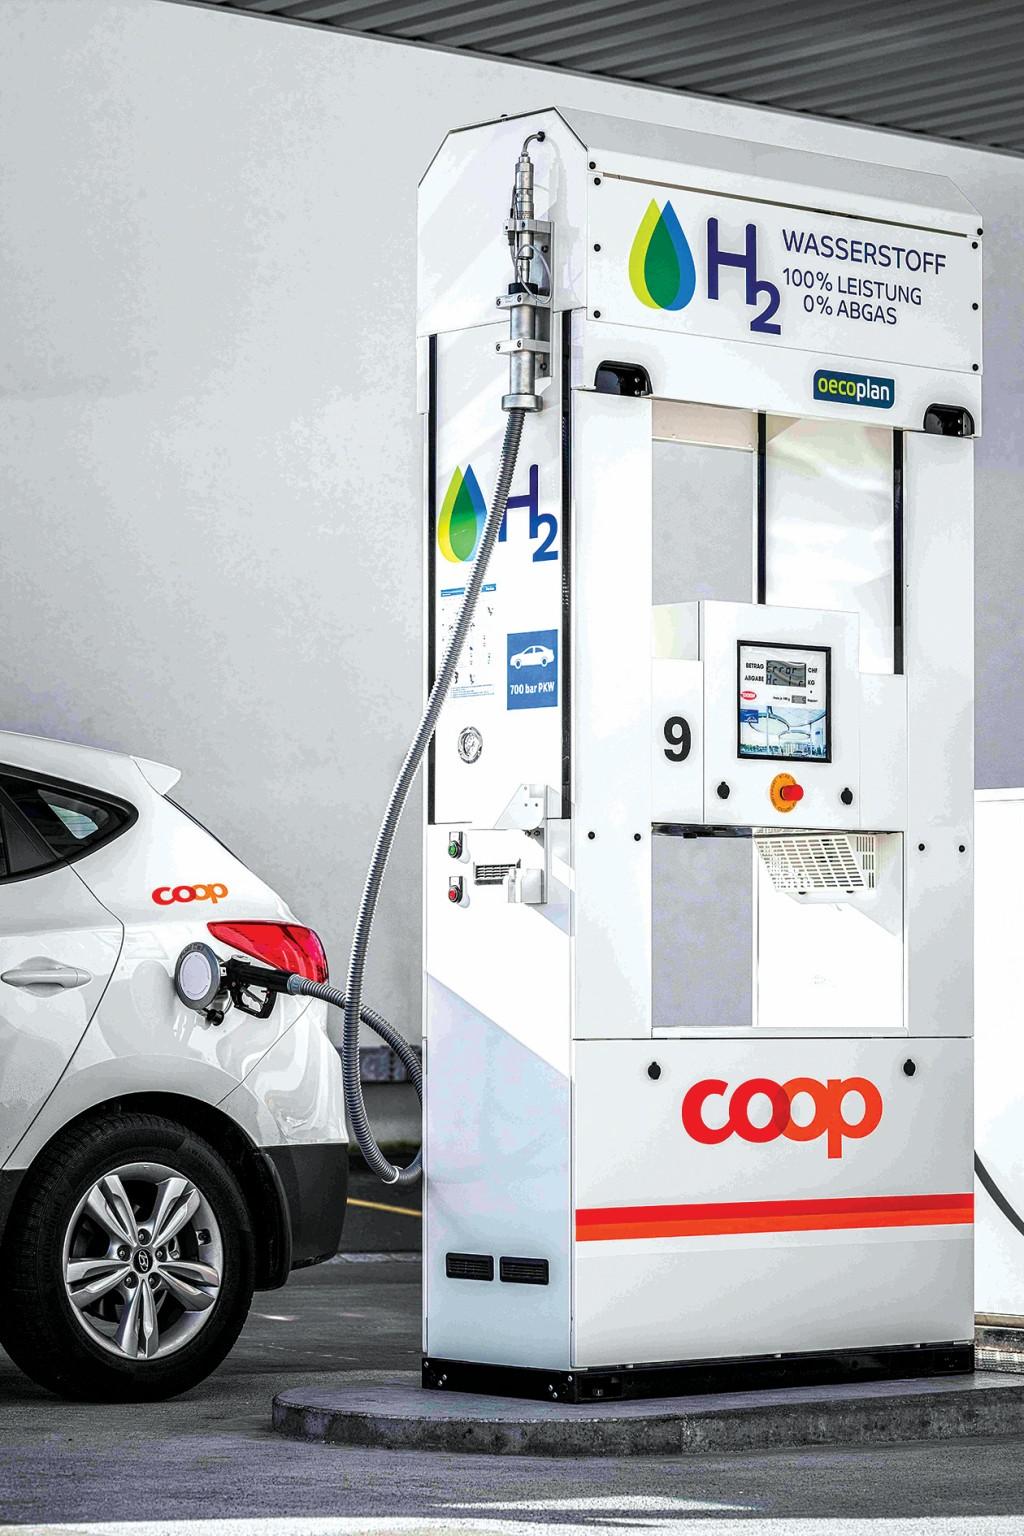 Der Handelskonzern Coop eröffnete im November 2016 die erste Wasserstofftankstelle in der Schweiz. Bild Coop Genossenschaft